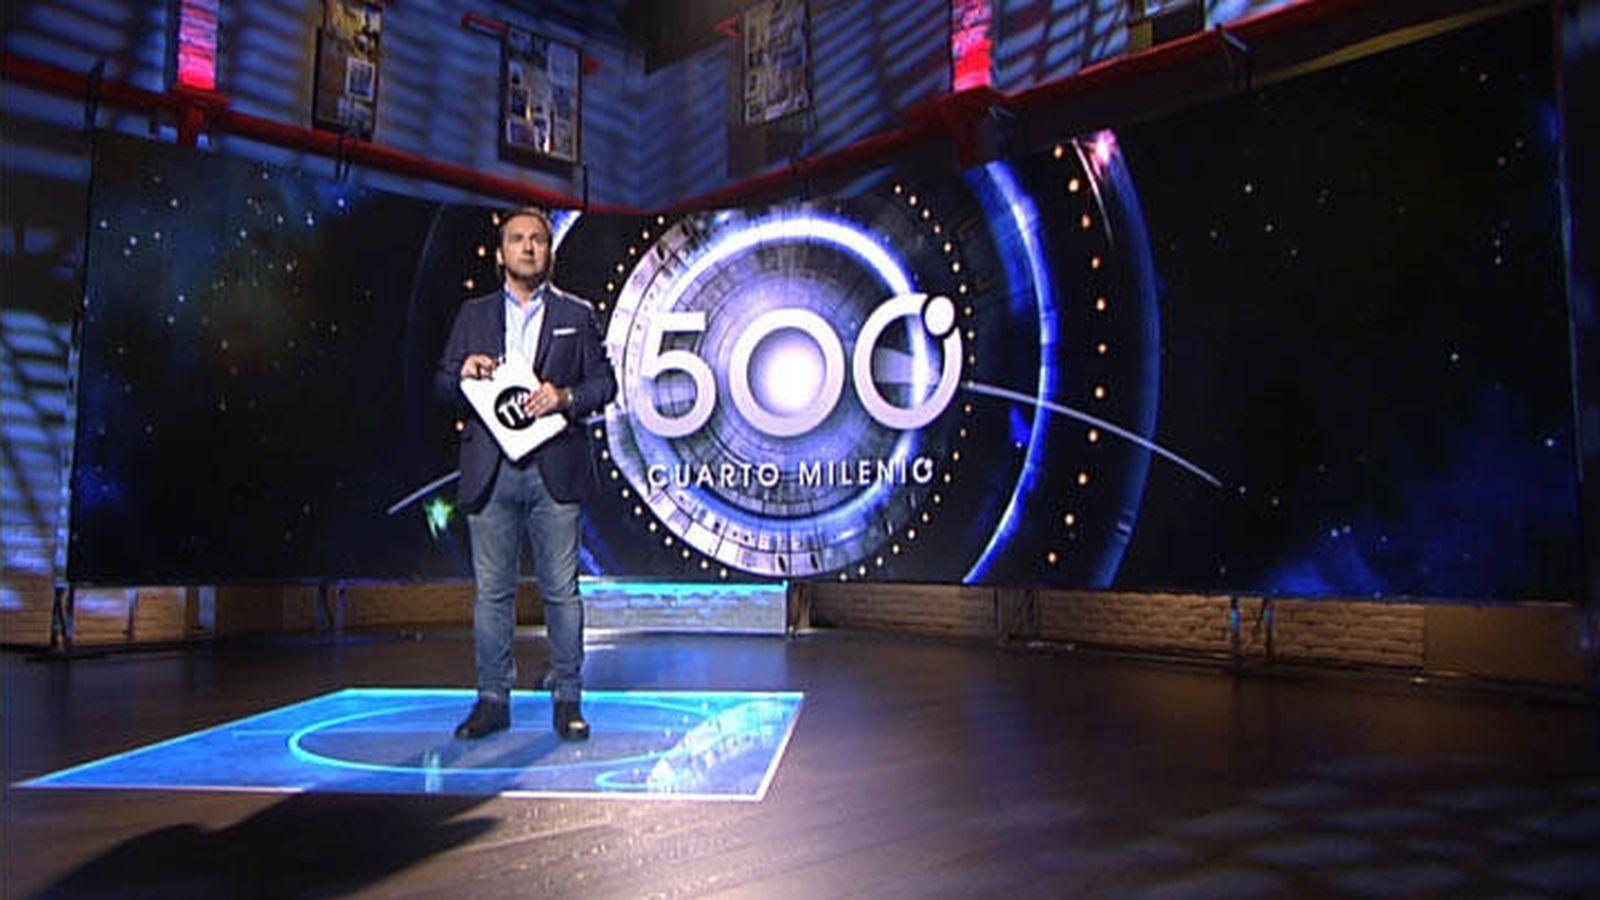 Cuarto milenio celebra sus 500 programas en una instalación ...